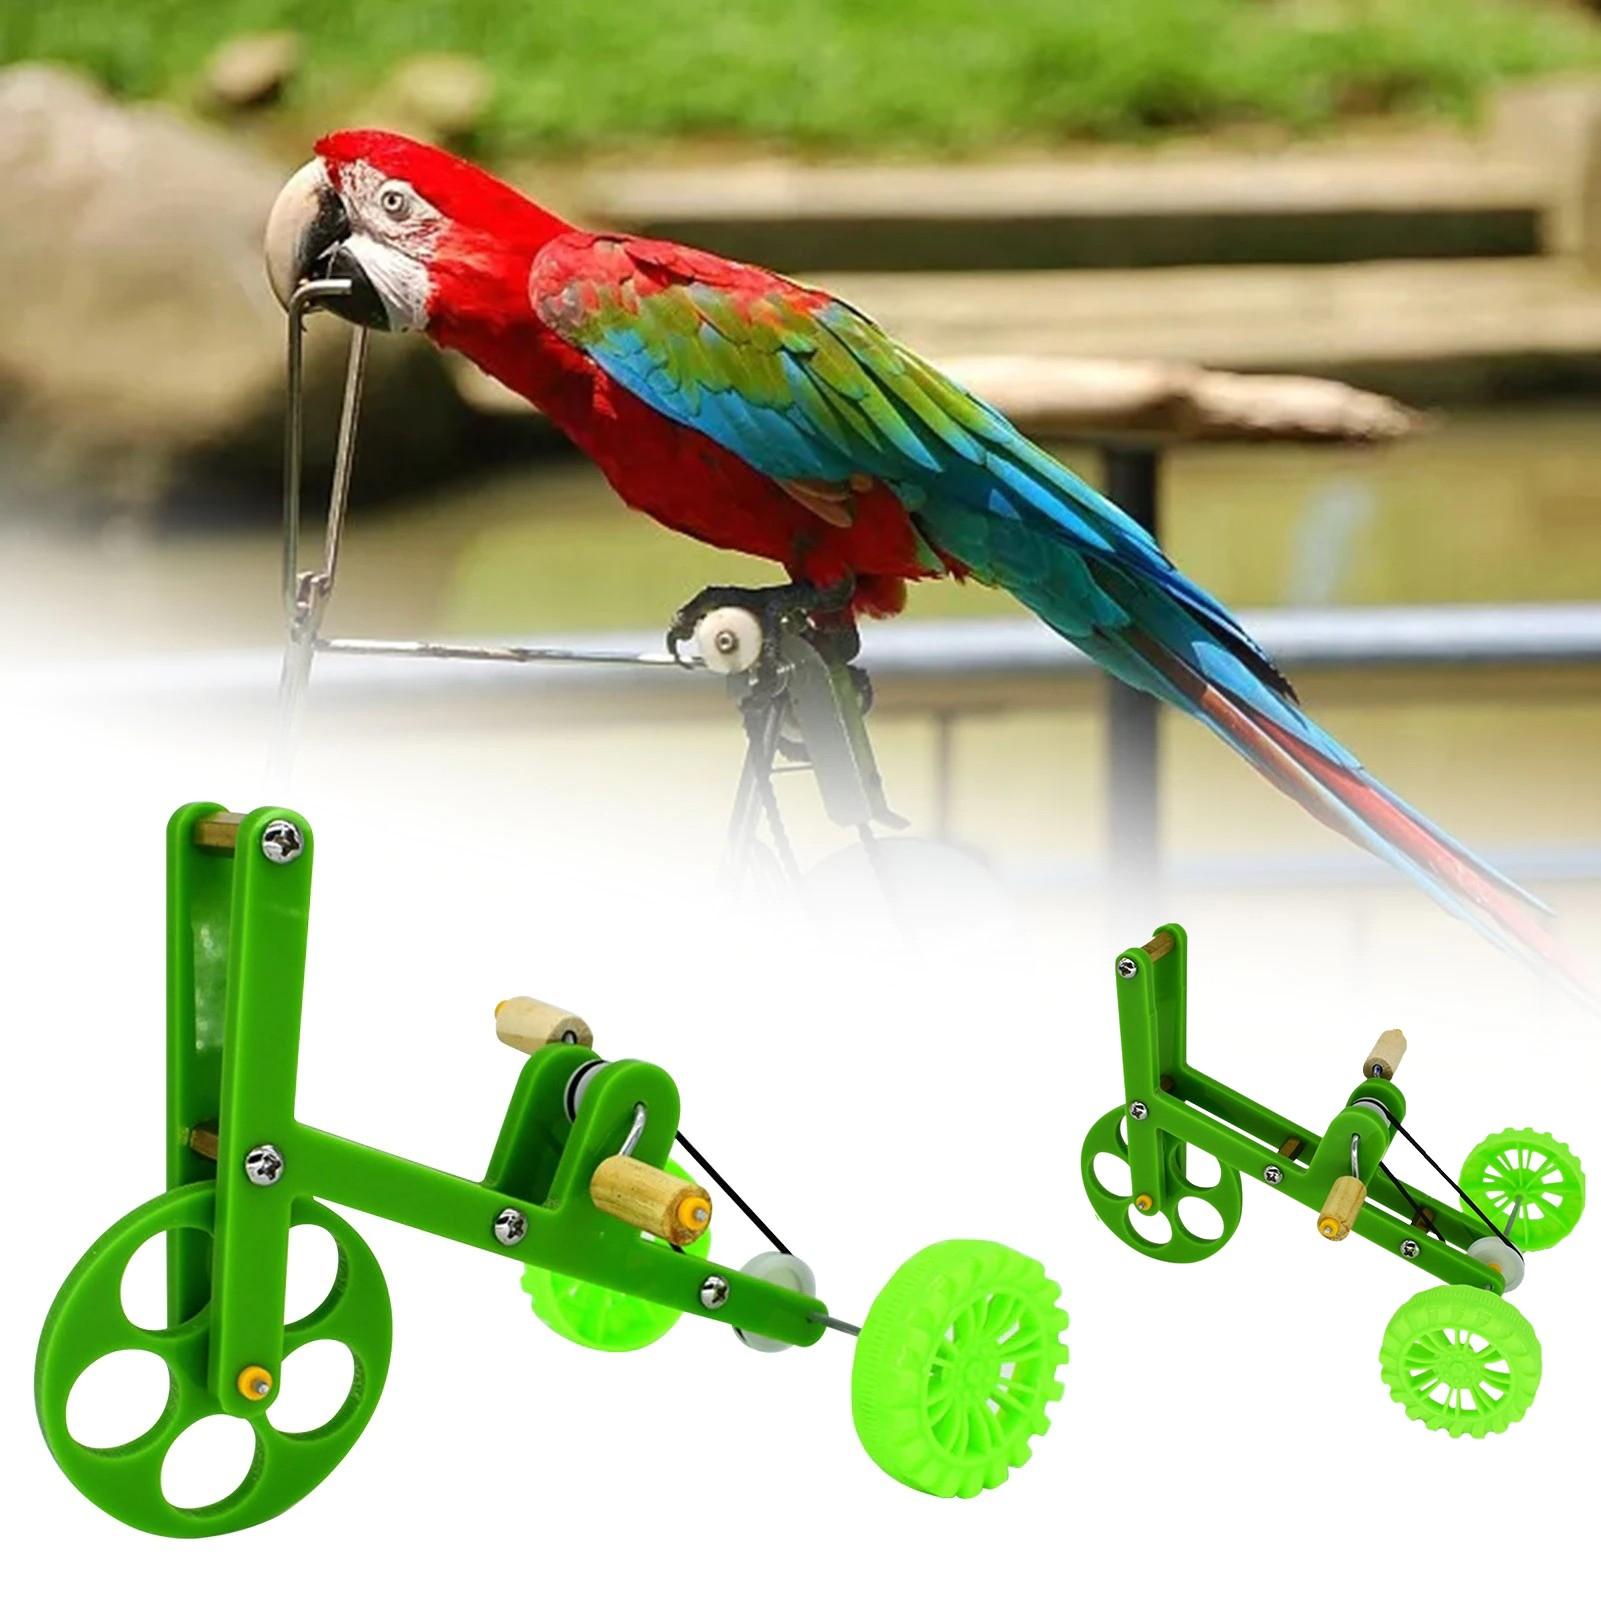 Velo-pour-oiseau-Jouet-pour-oiseau-Bicyclette-pour-oiseau